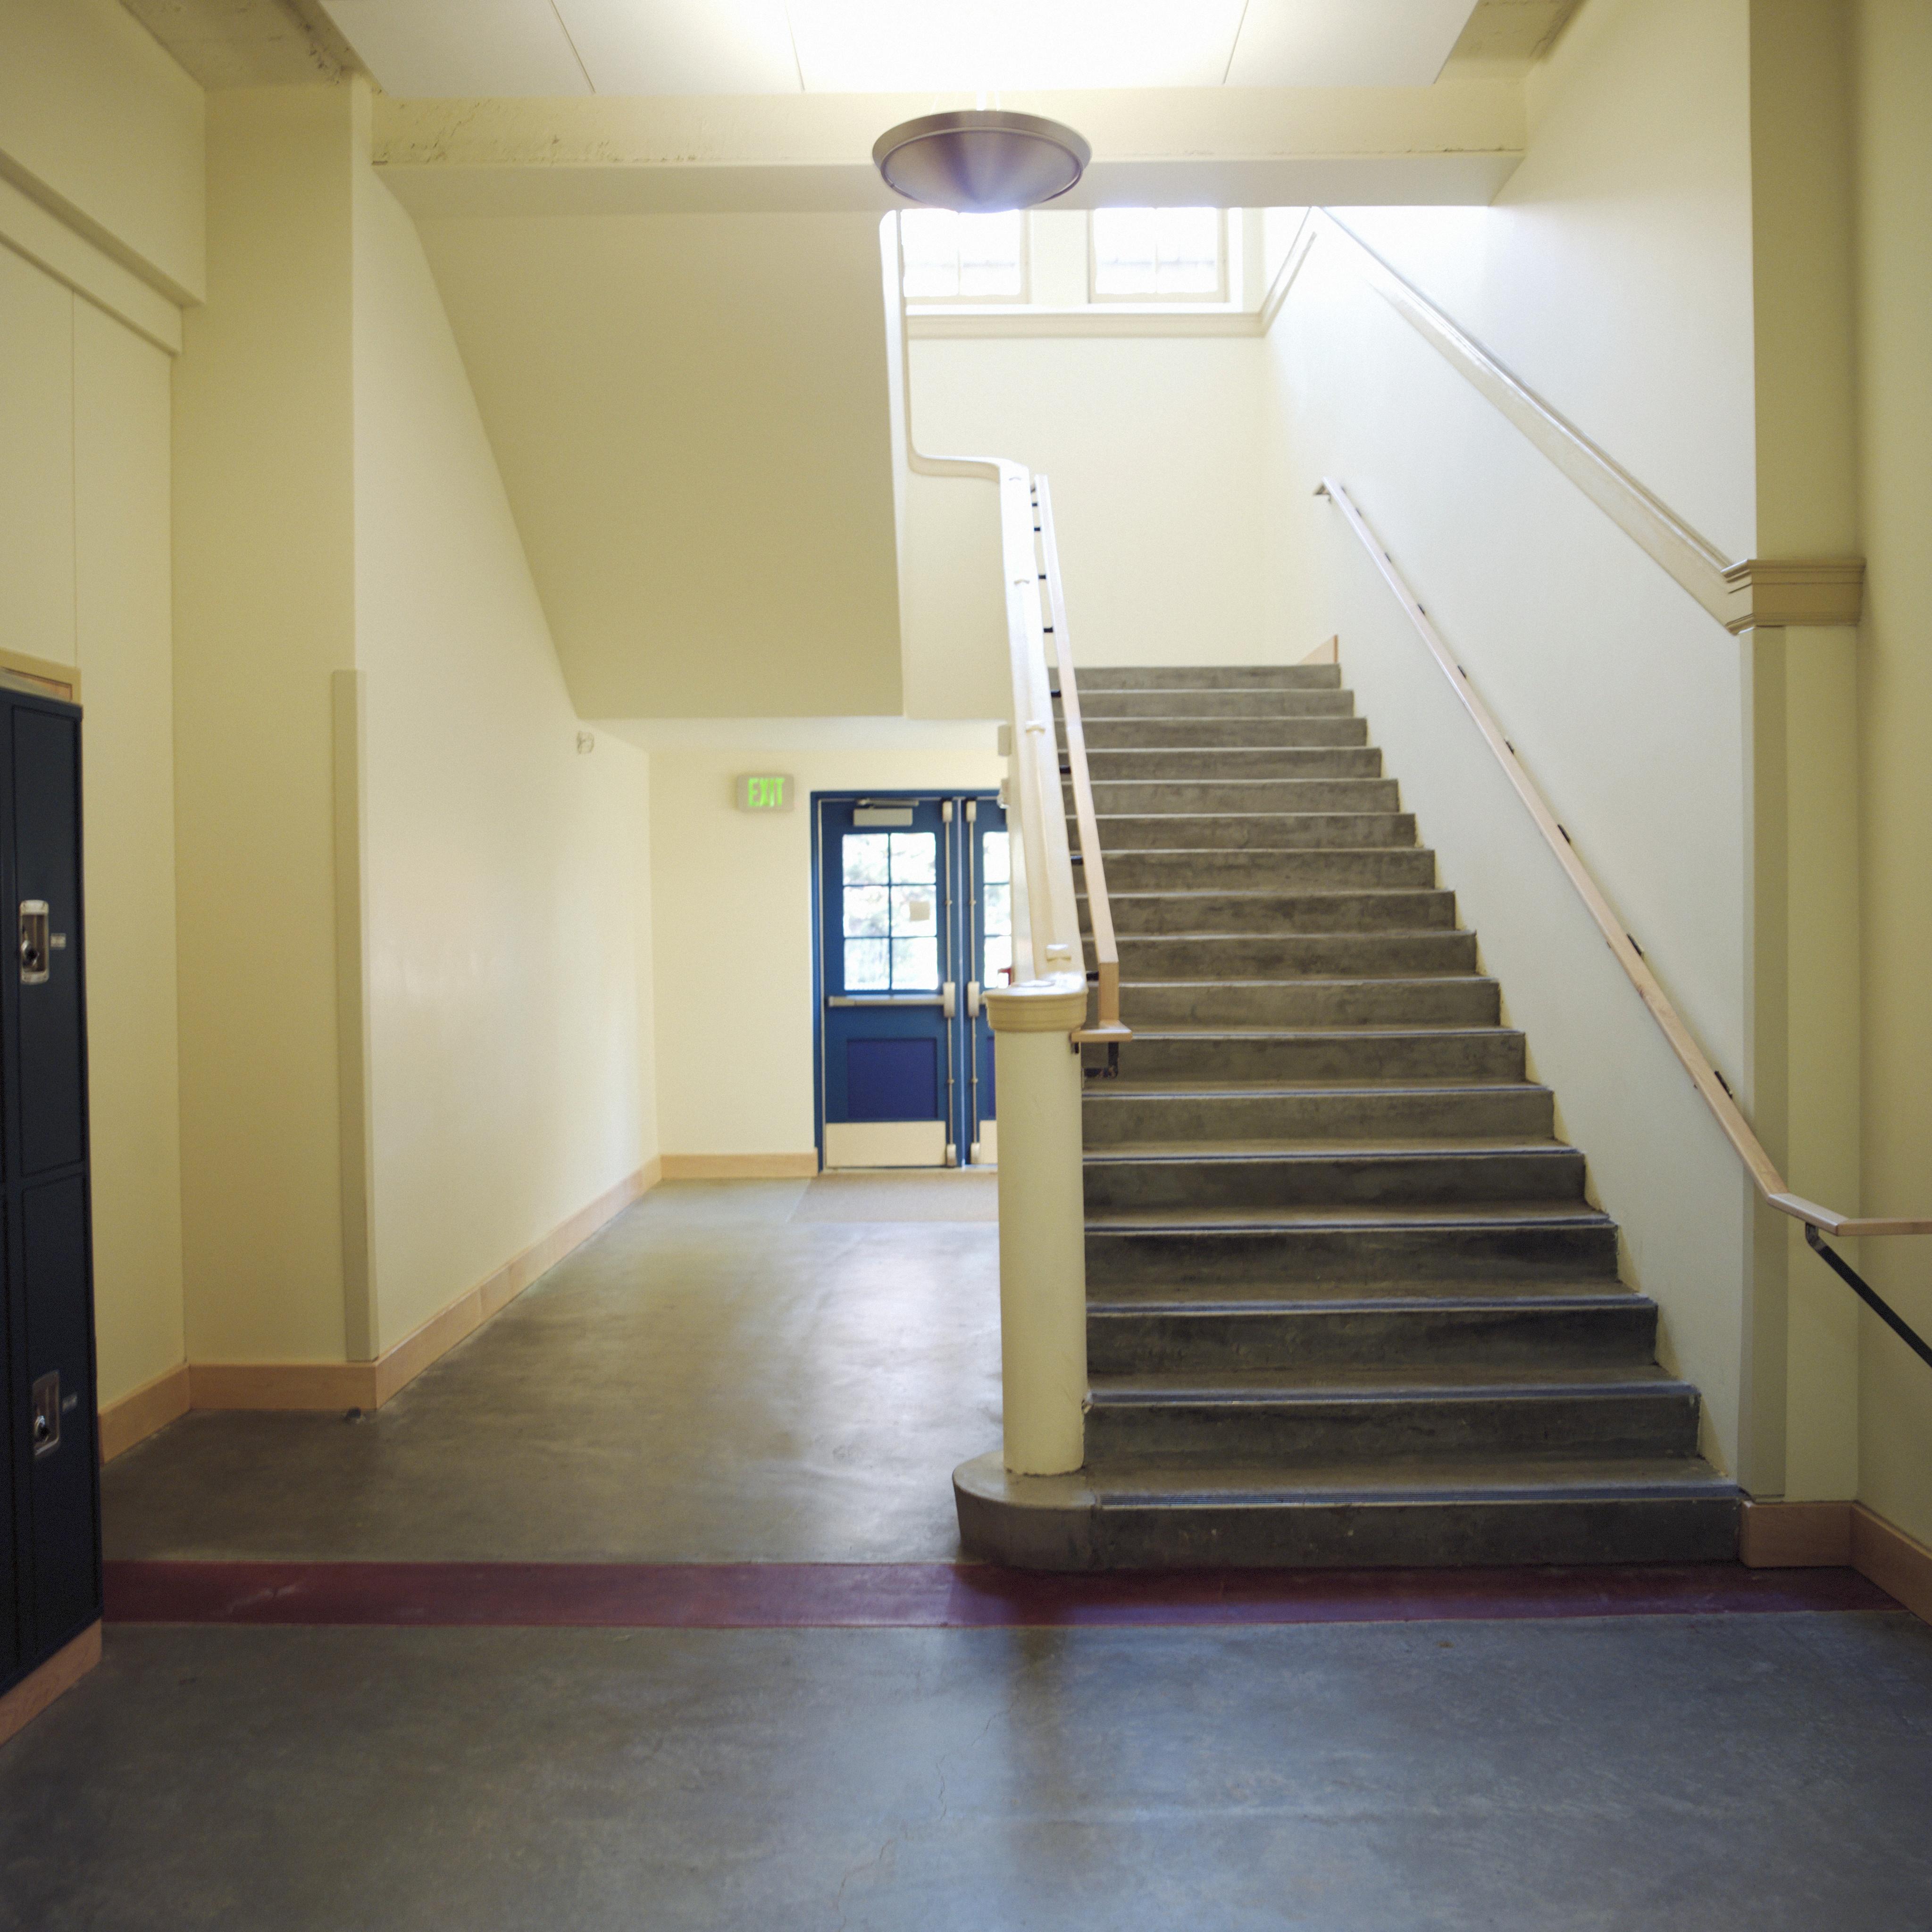 highschool-stairs.jpg